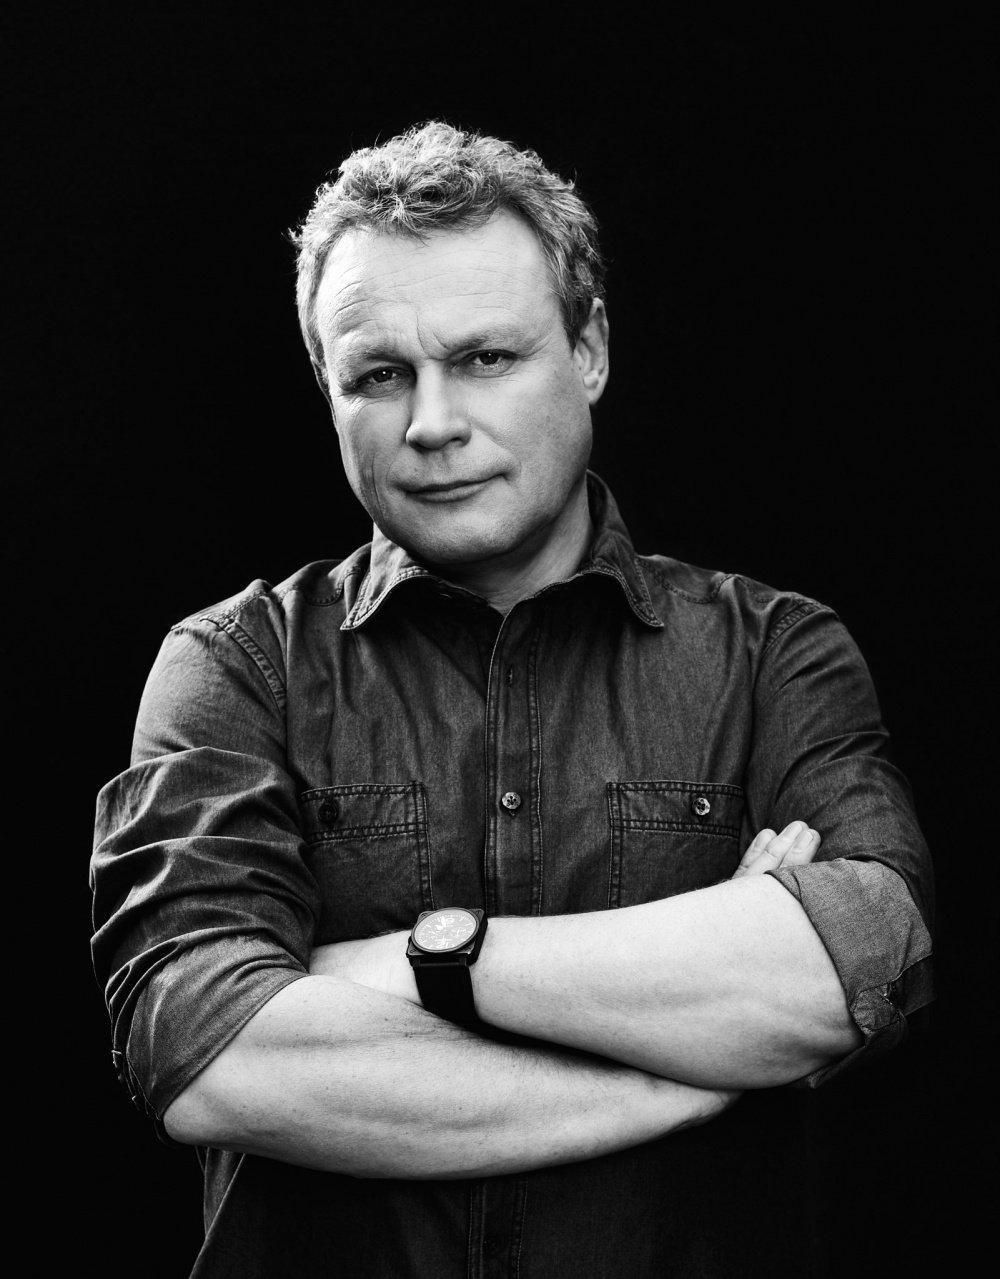 «Гардемарин» Сергей Жигунов отмечает 55-летие